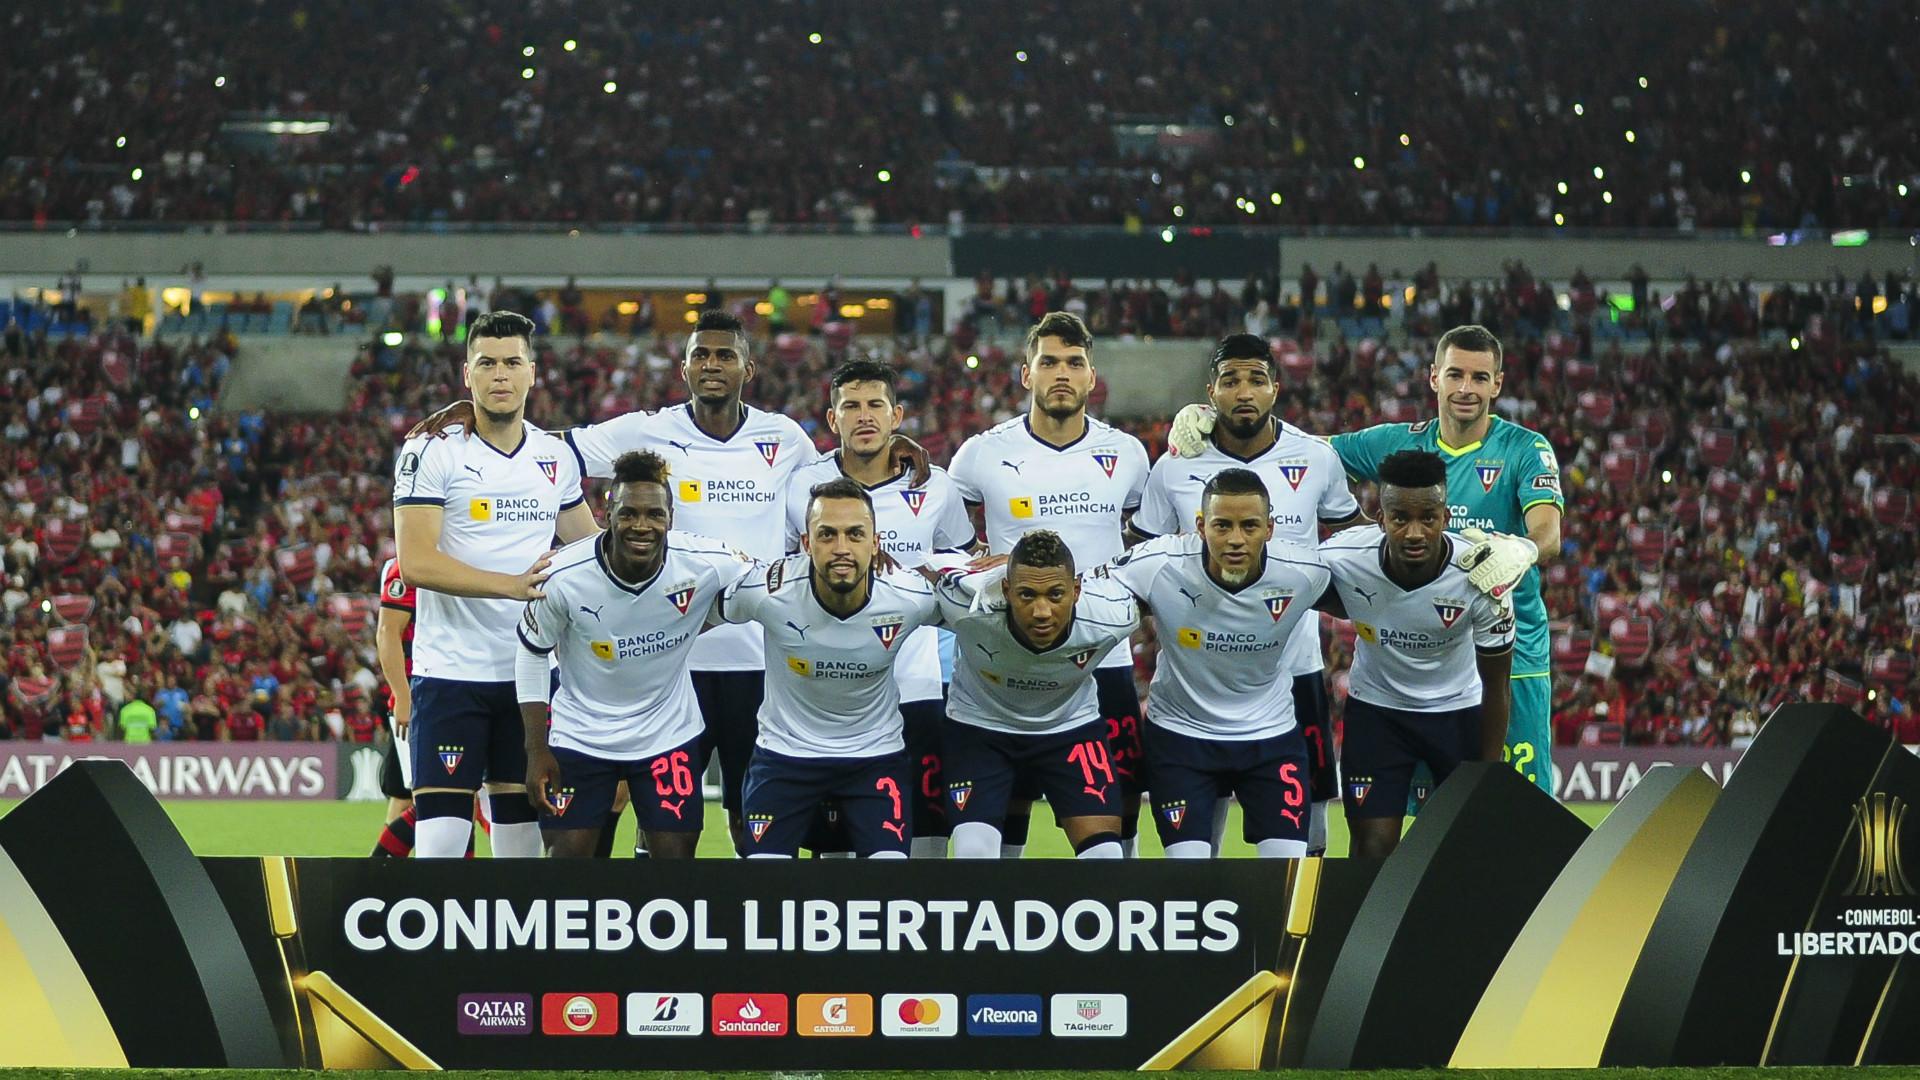 Liga de Quito, rival de River en la Copa Libertadores 2020: cómo llega,  plantel, DT y figura | Goal.com